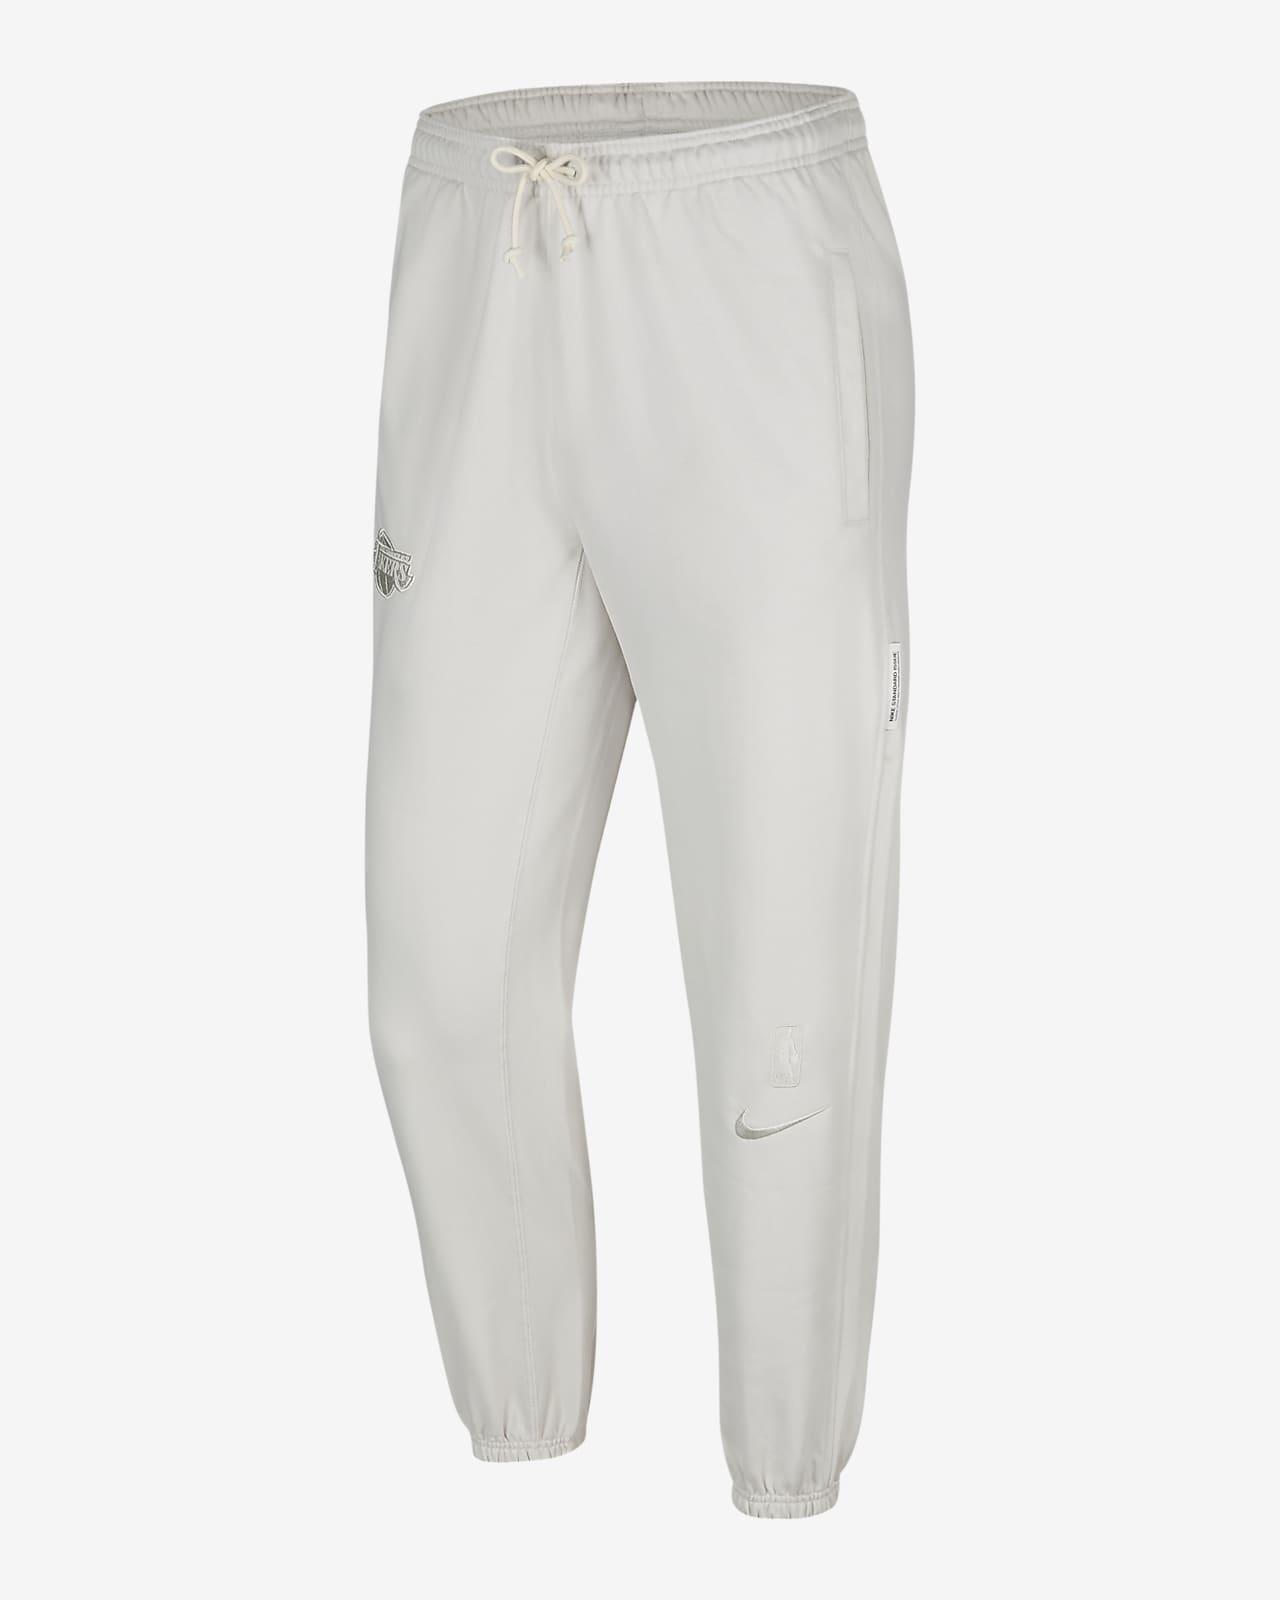 洛杉矶湖人队 Standard Issue Nike Dri-FIT NBA 男子长裤